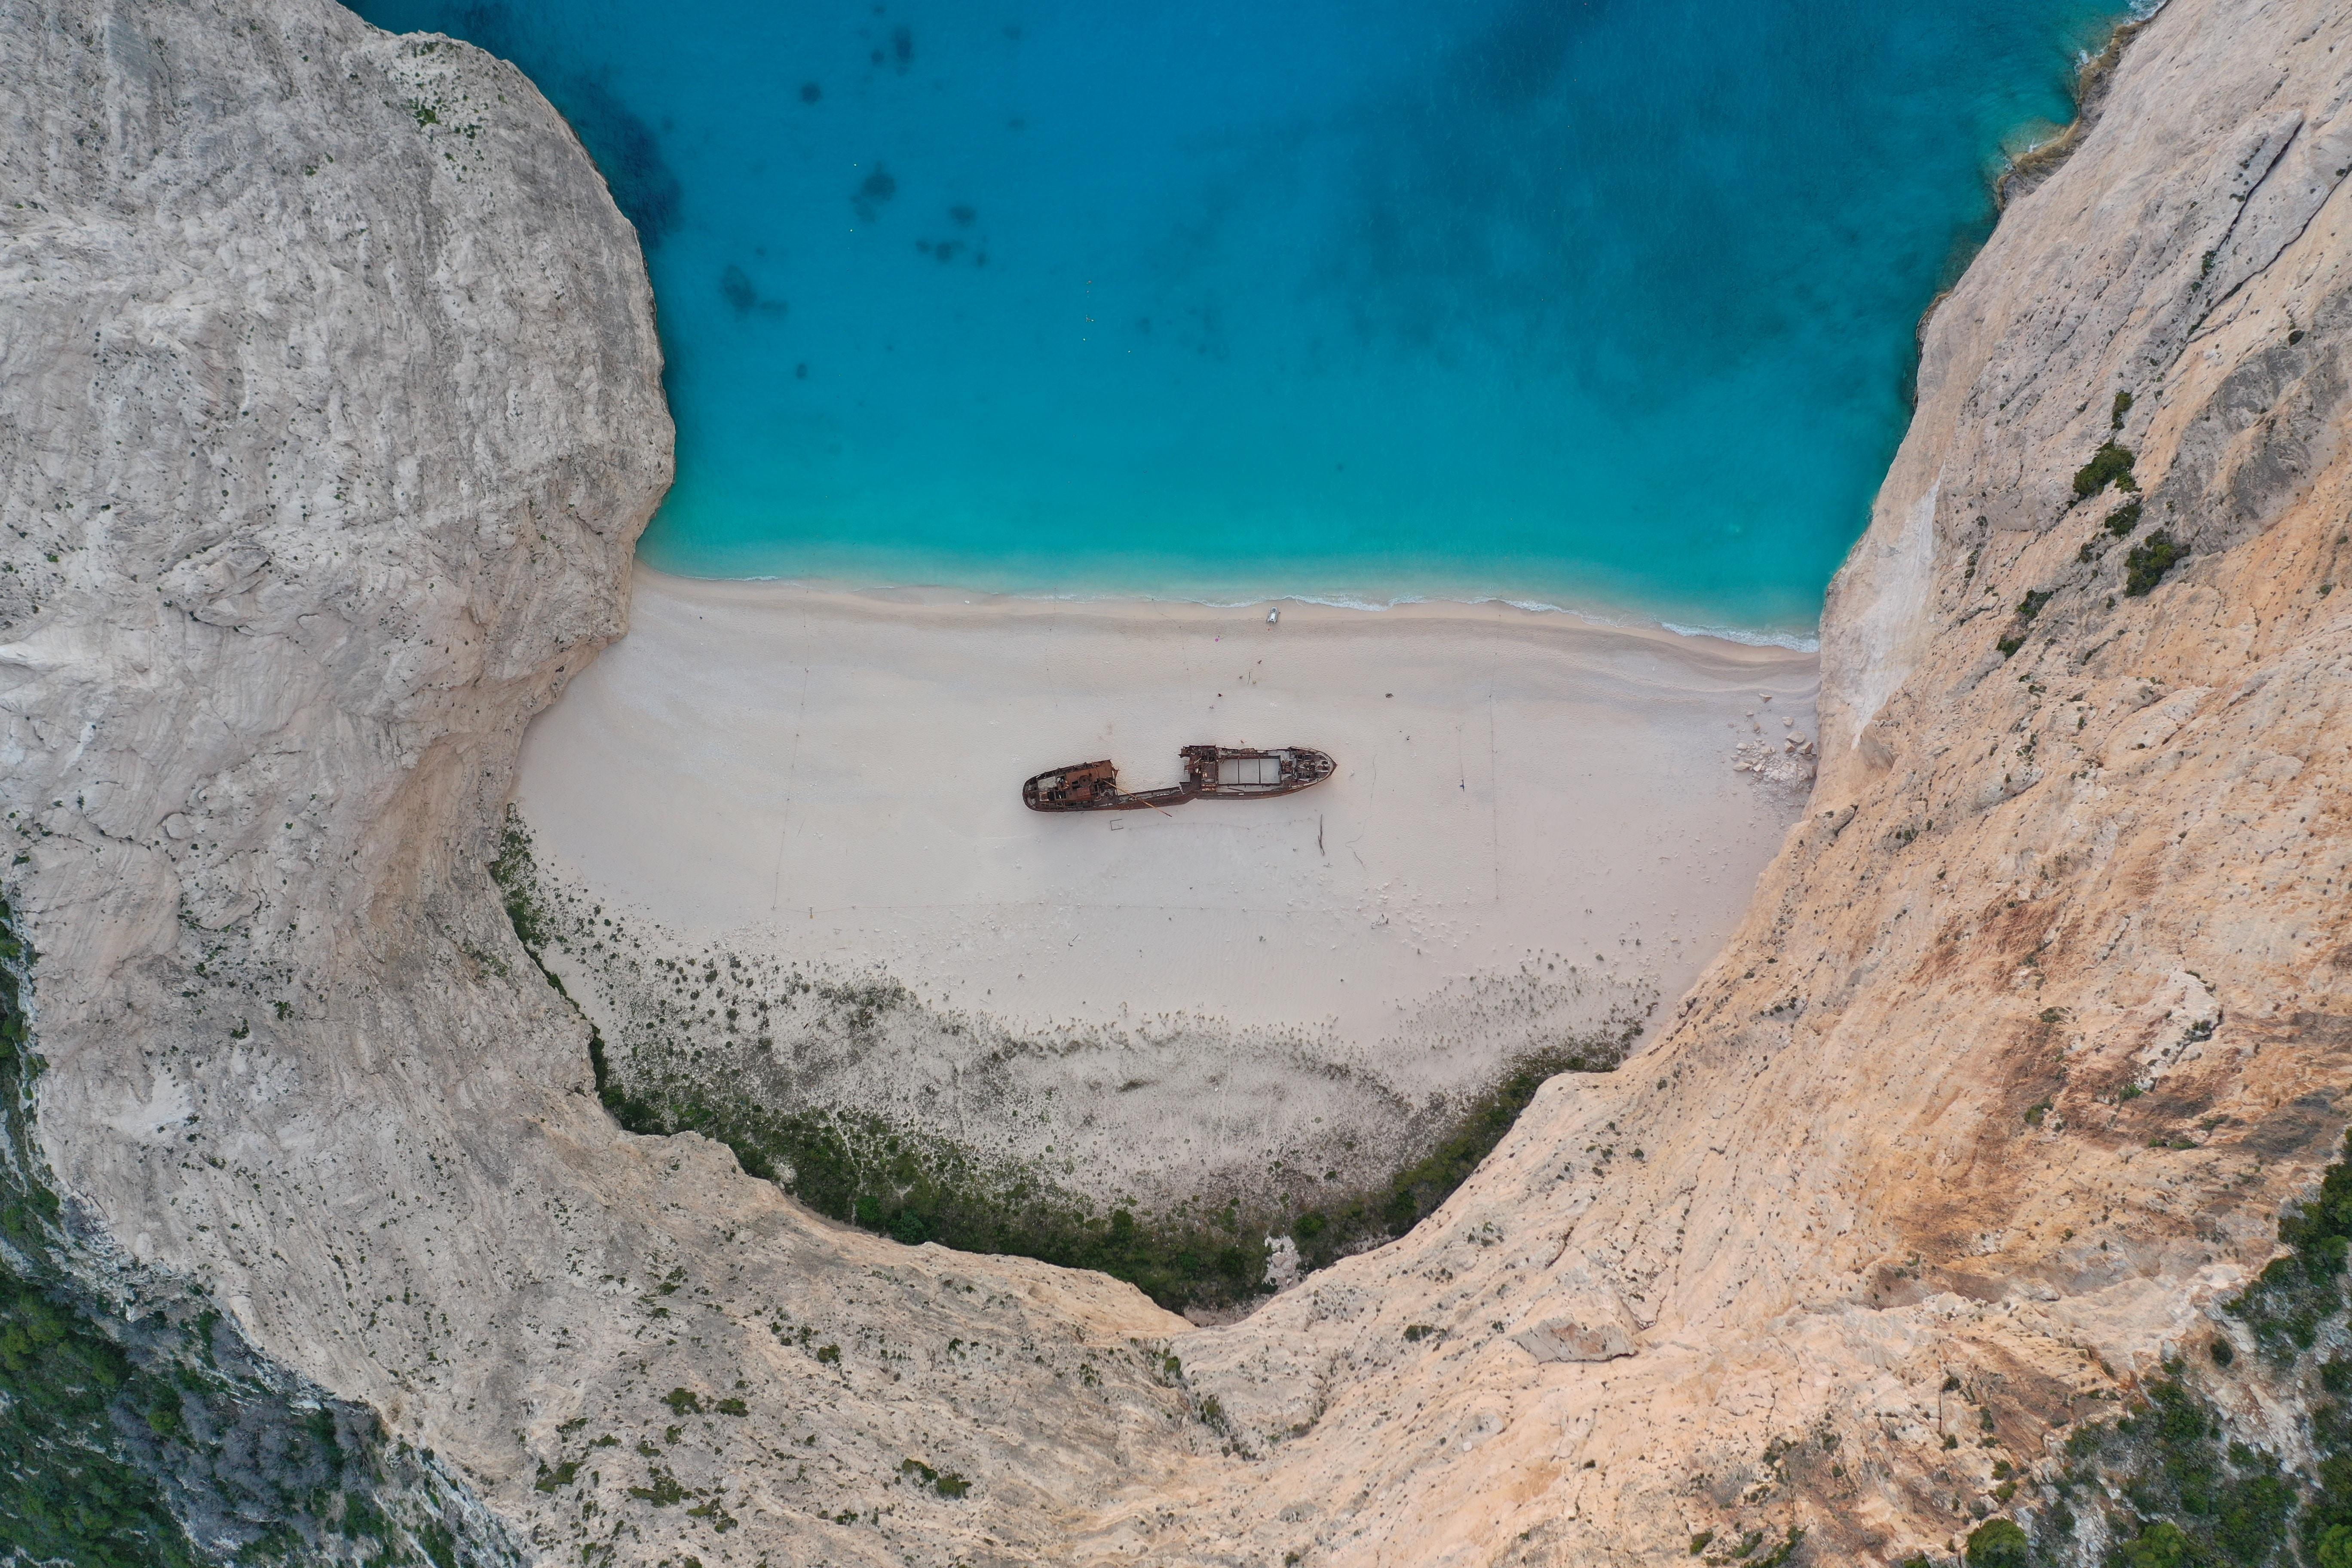 Shipwreck Beach #aerialview #droneshot #mavicpro2 #drone